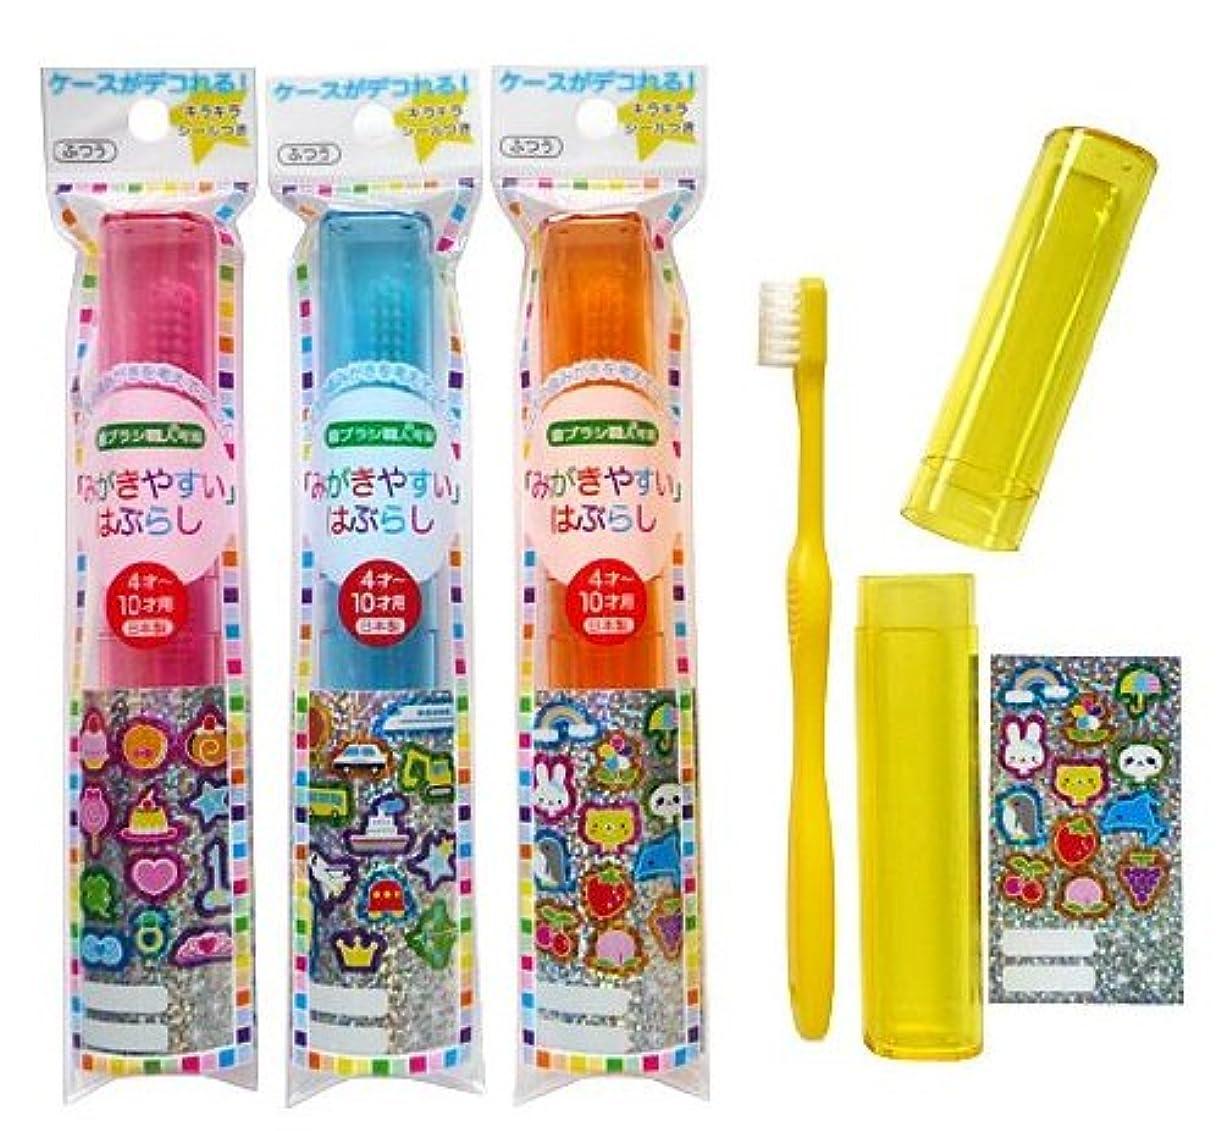 特権的即席喜ぶライフレンジ 磨きやすい歯ブラシ こども用ケース付き 12本